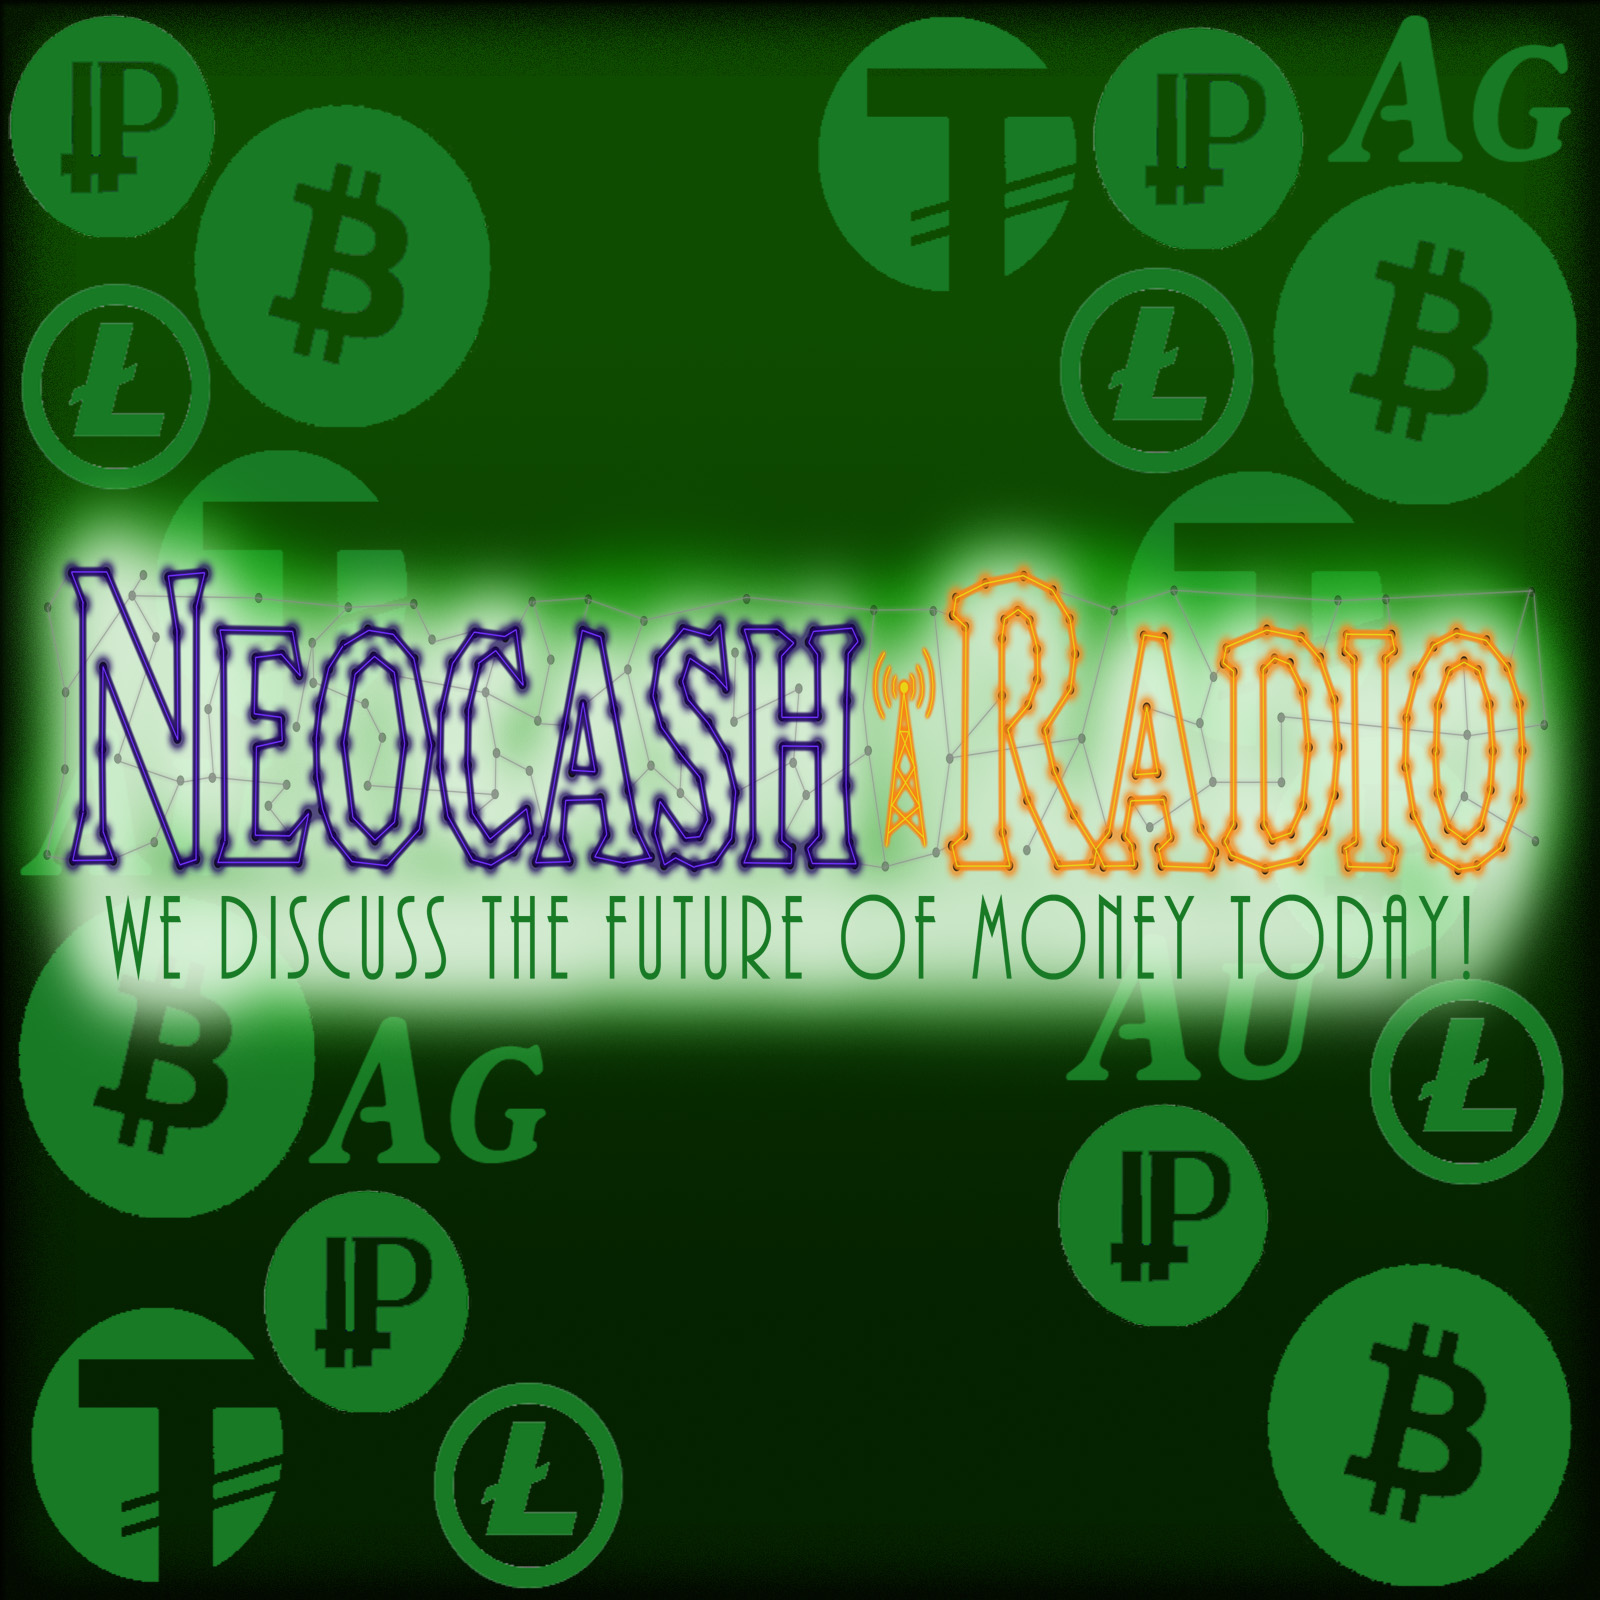 Neocash Radio - Episode 100